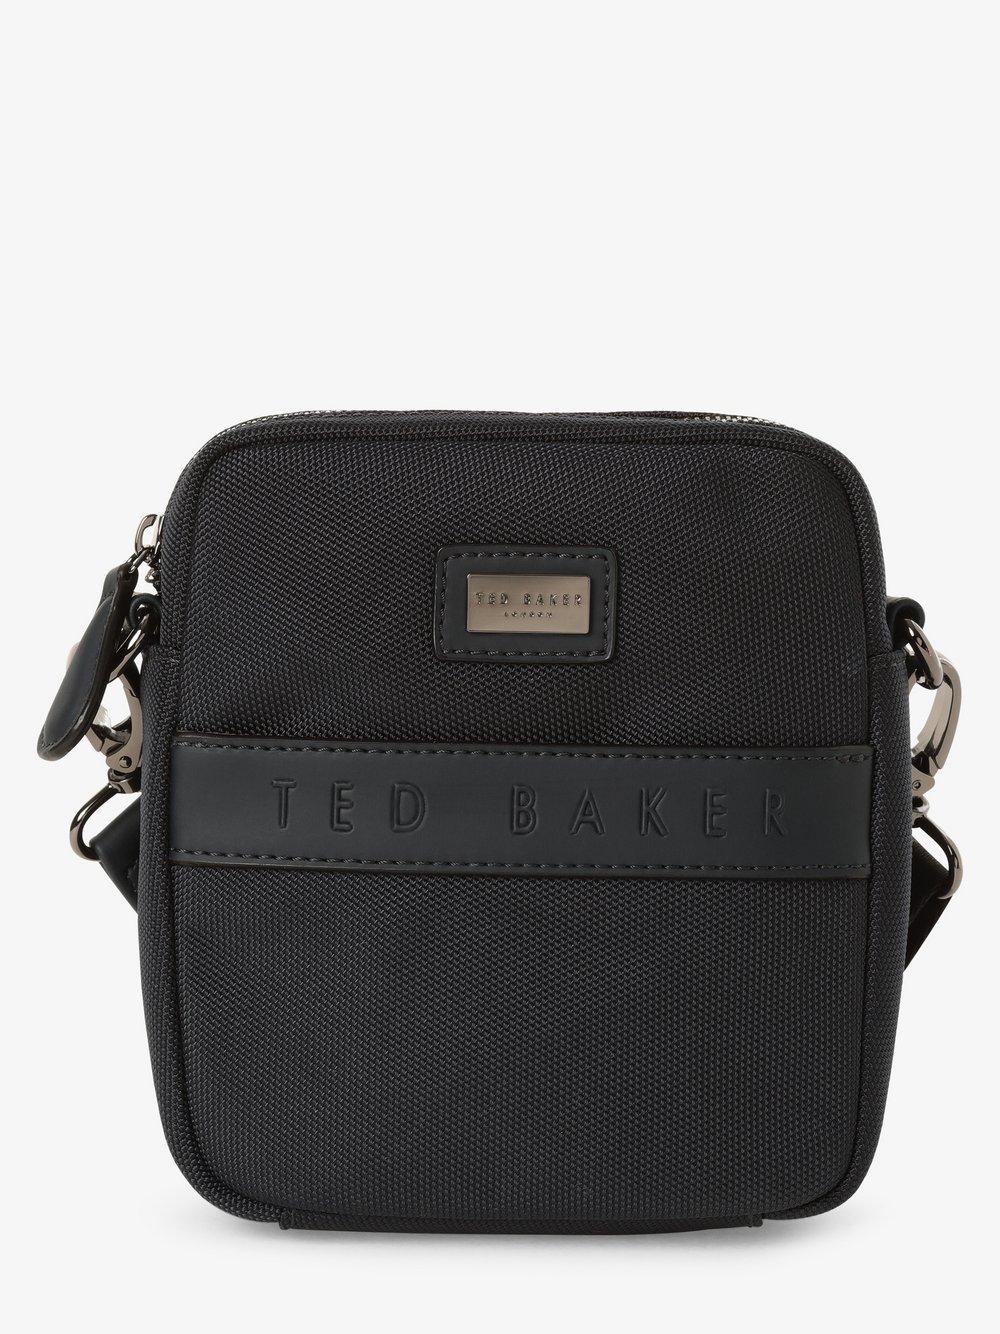 Ted Baker – Męska torebka na ramię – Lillo, niebieski Van Graaf 436019-0001-00000